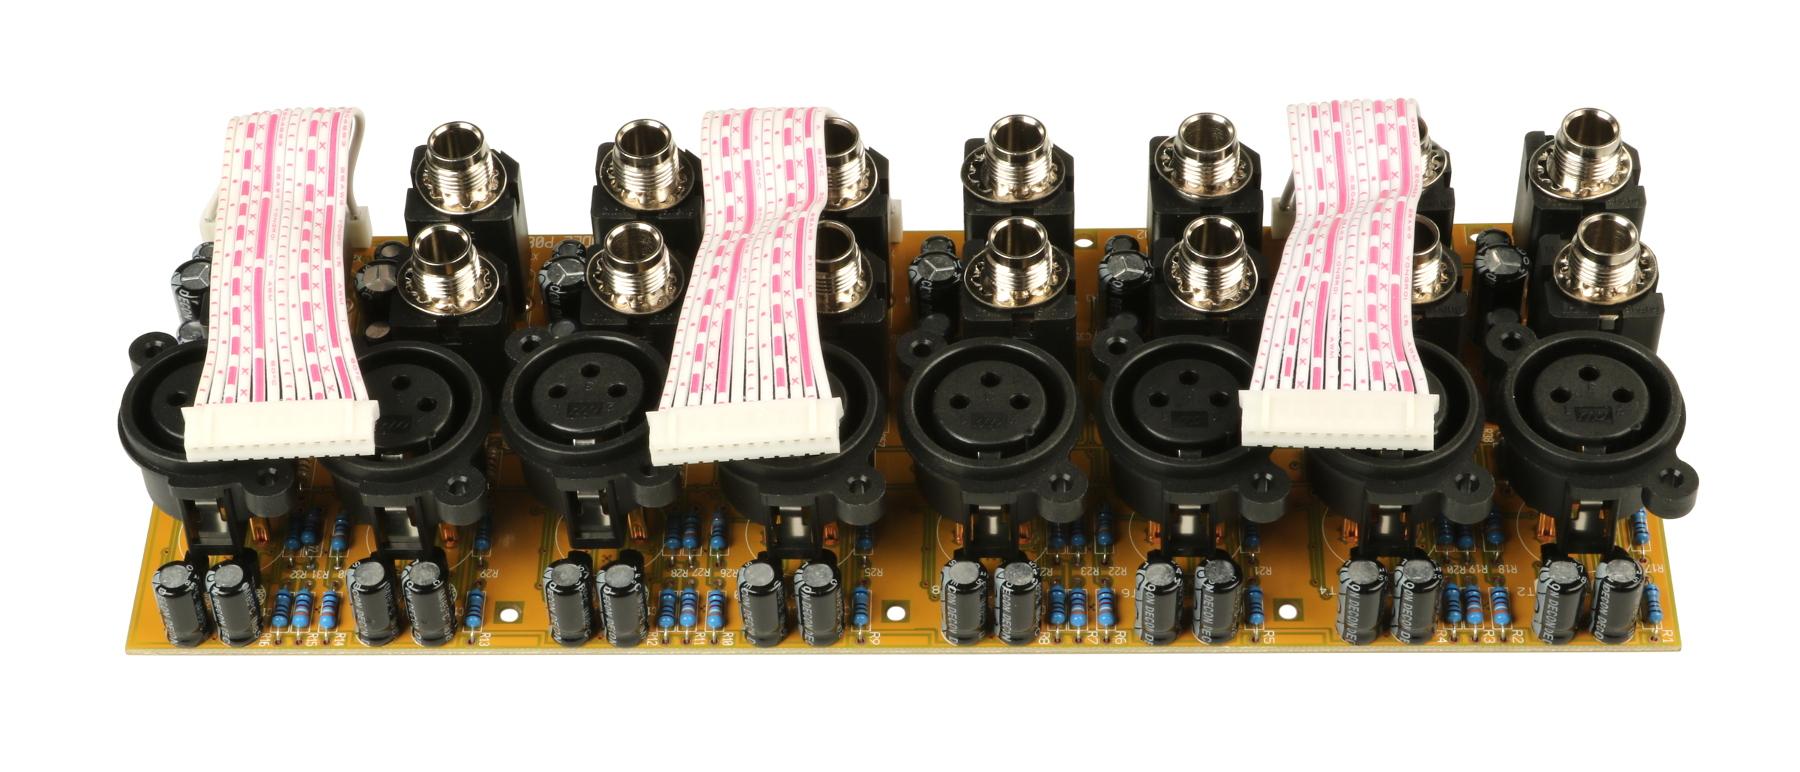 Input PCB for EURODESK SX3242FX